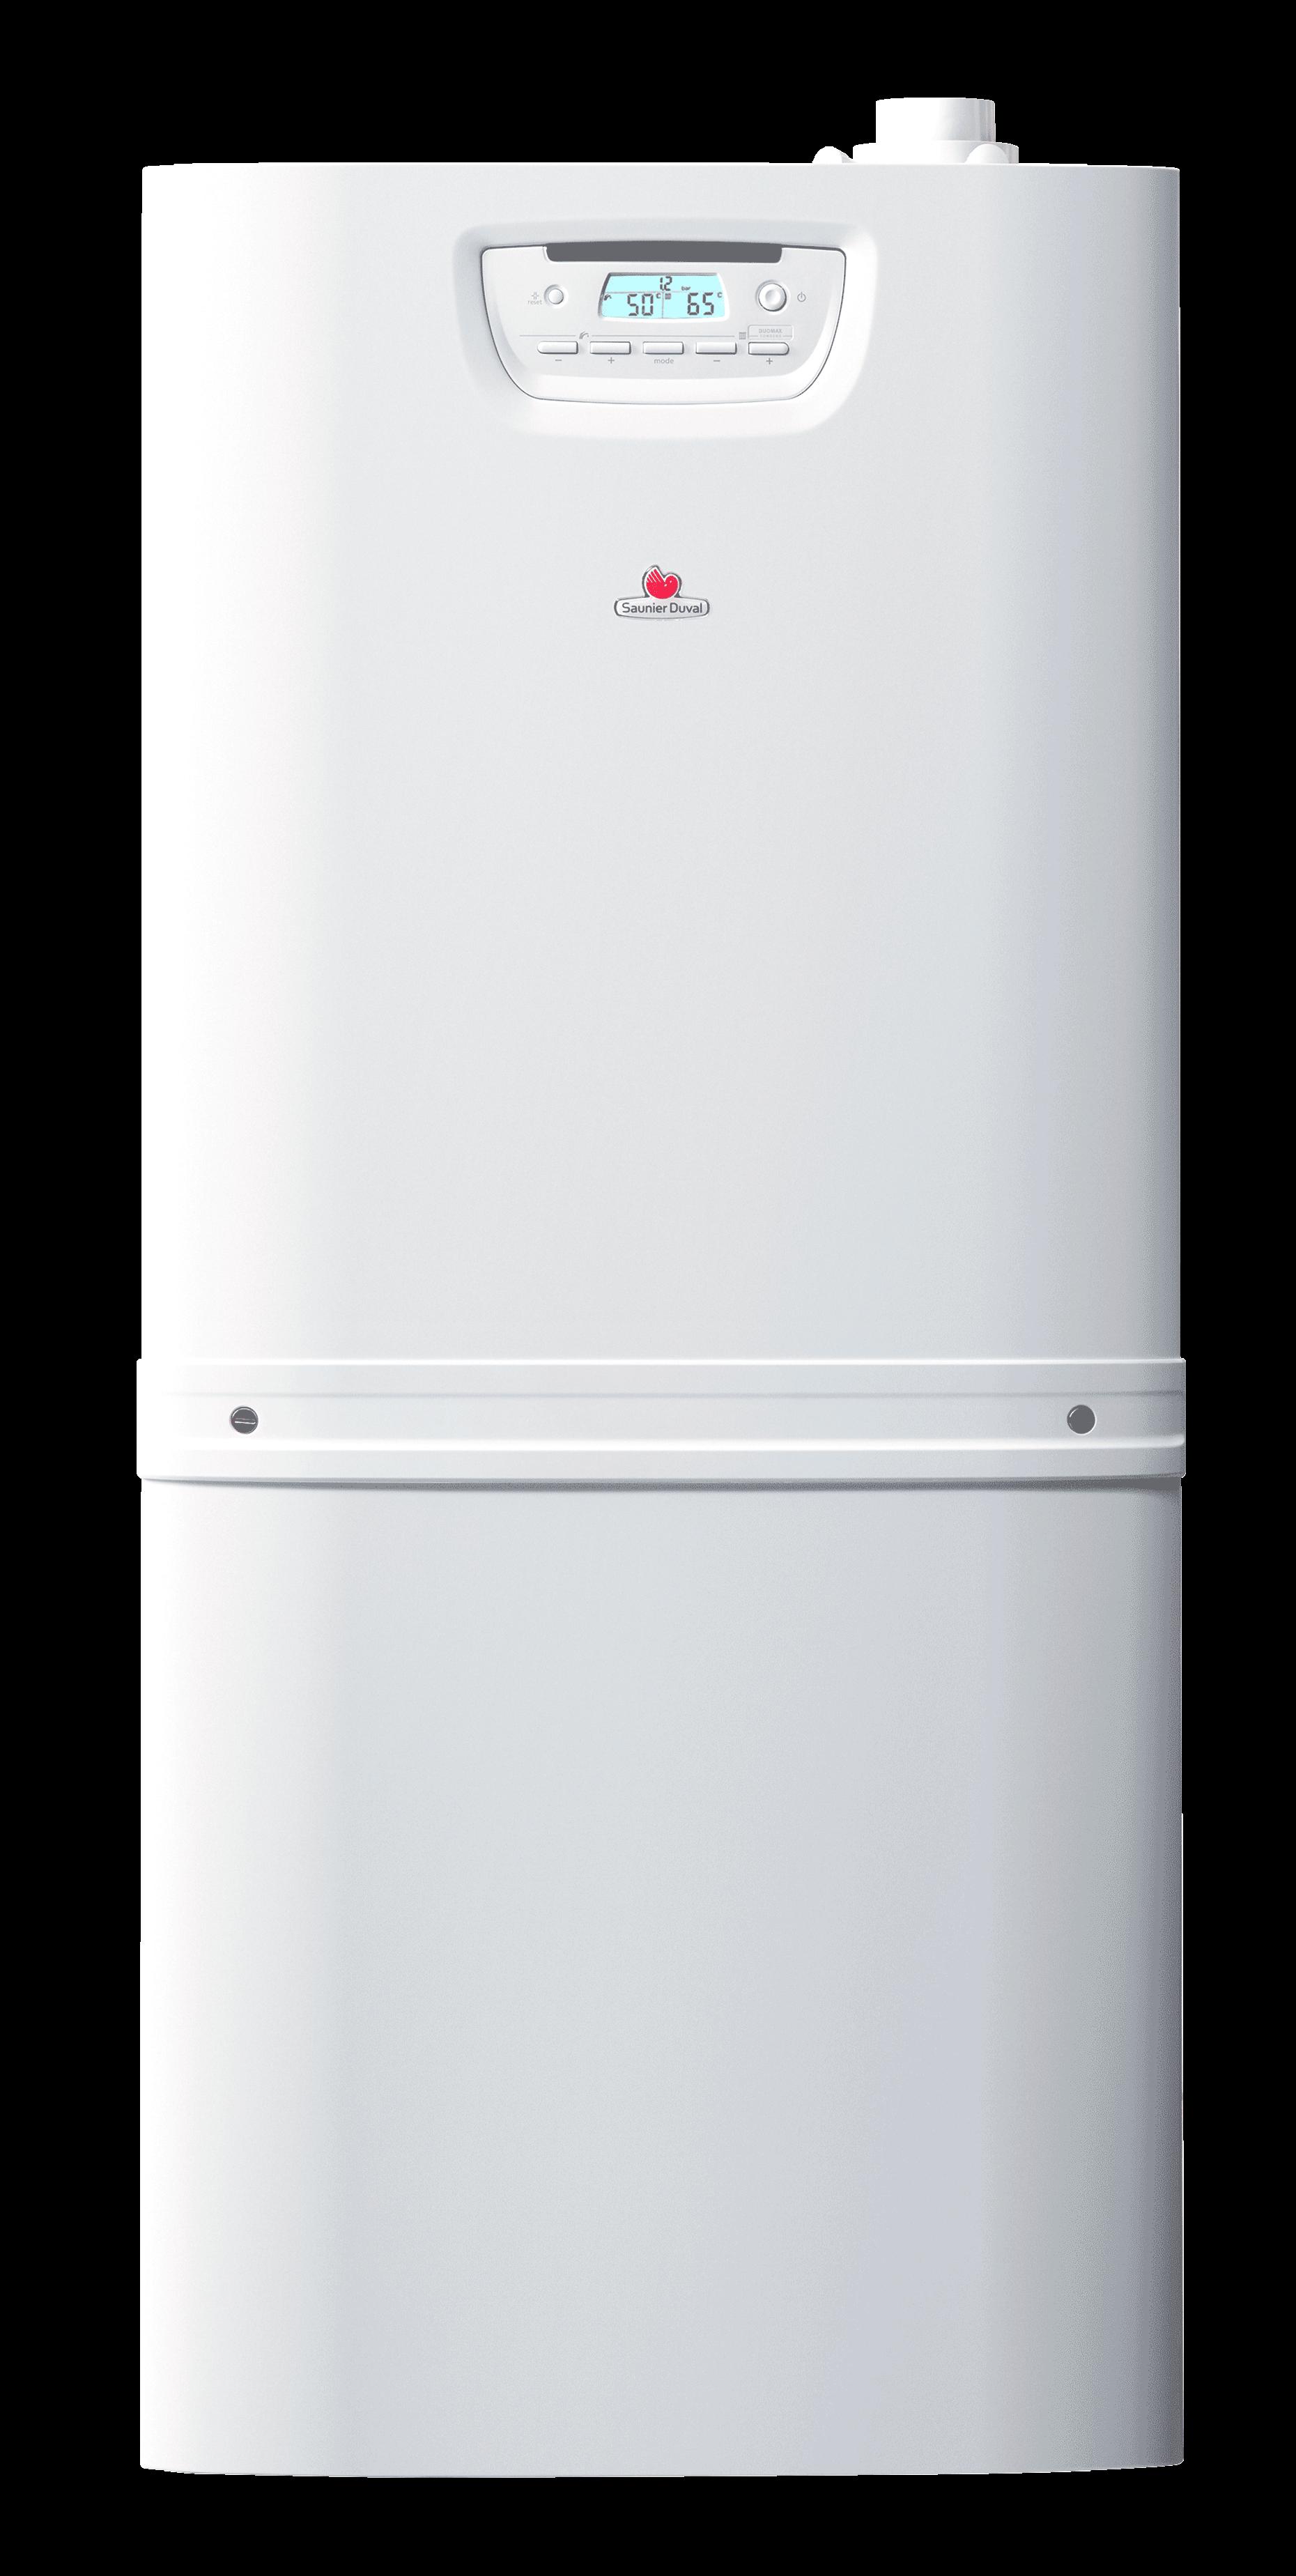 nouveaut duomax chaudi re sol gaz condensation ballon eau chaude duotwin condens. Black Bedroom Furniture Sets. Home Design Ideas